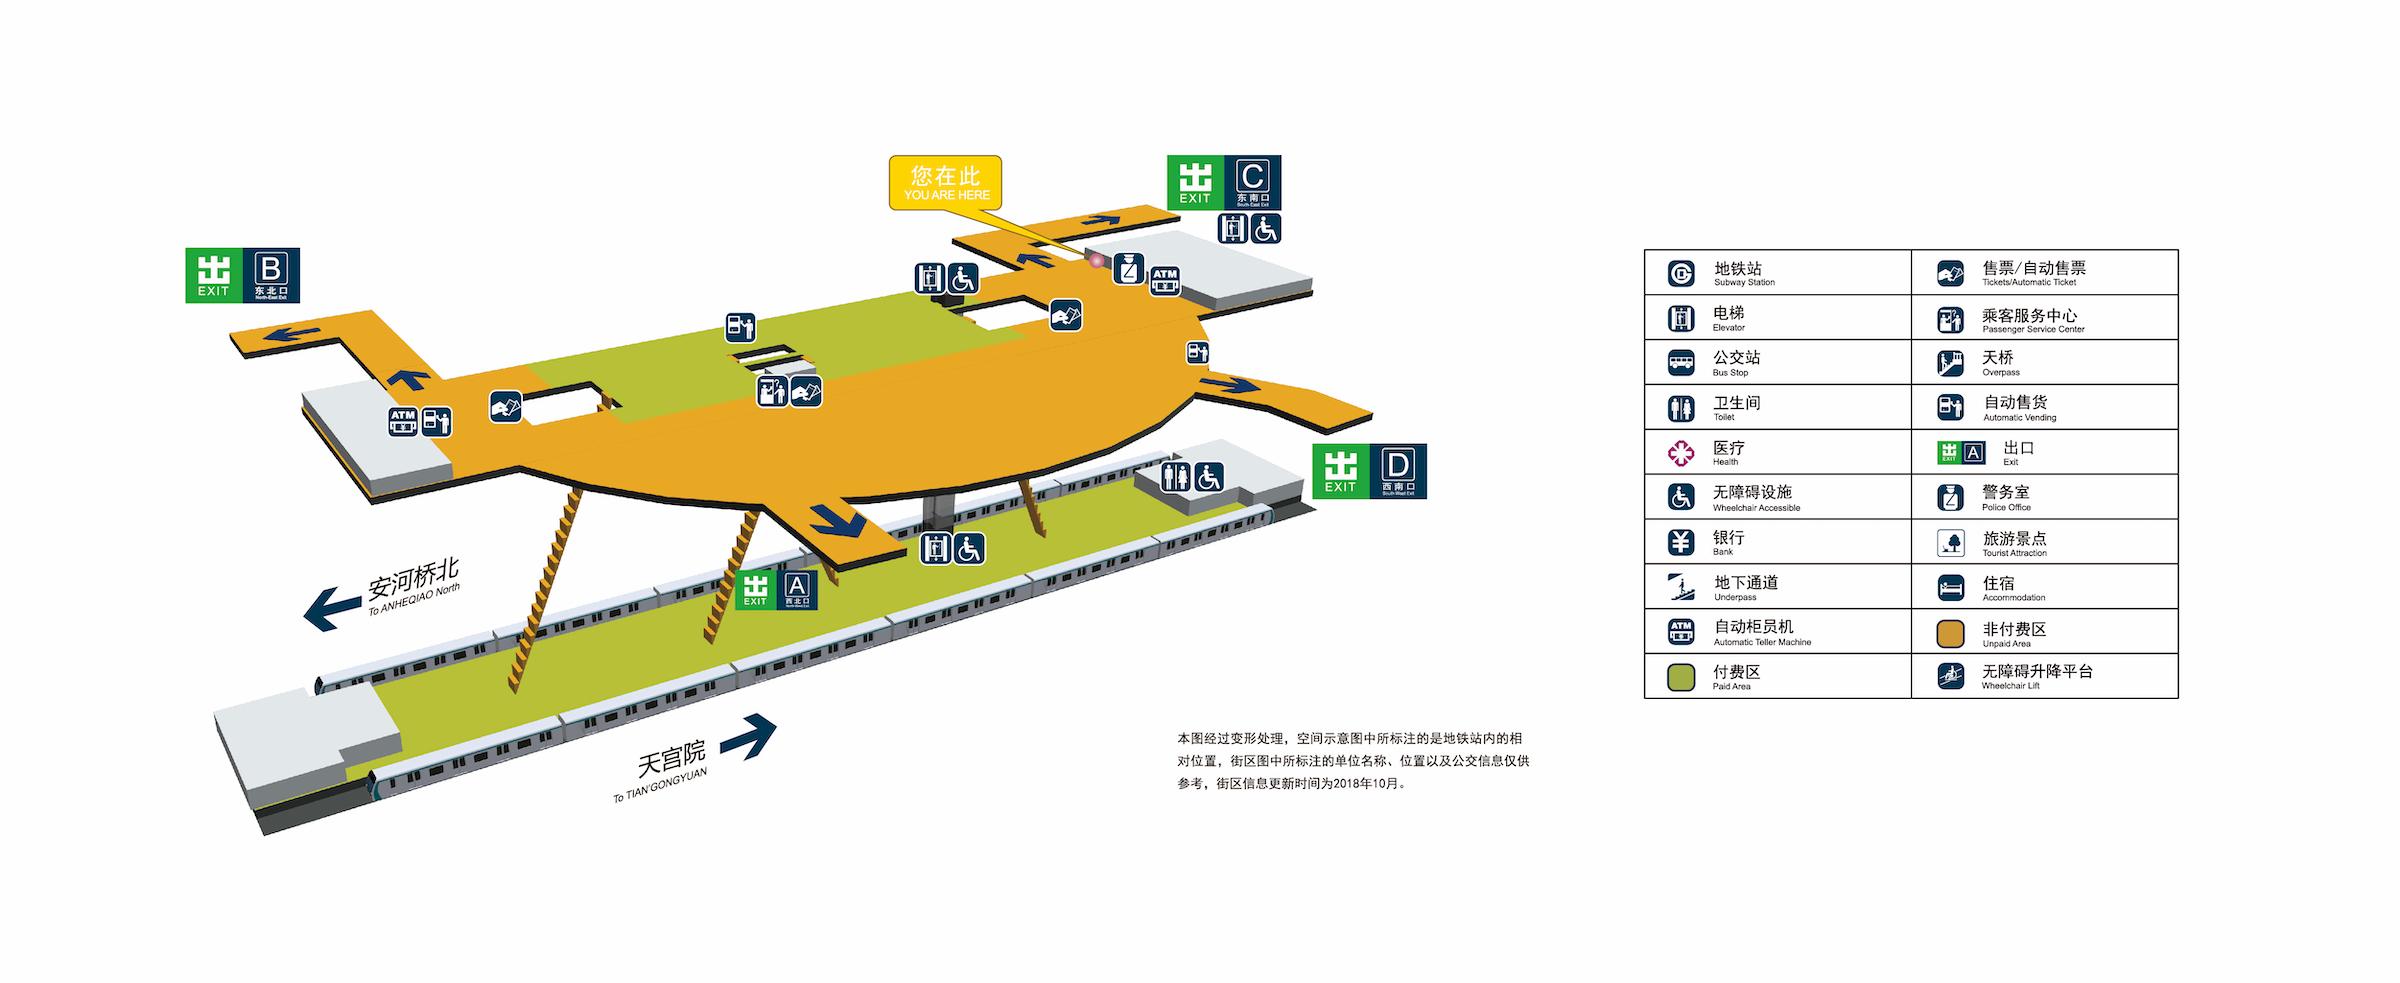 枣园站立体图